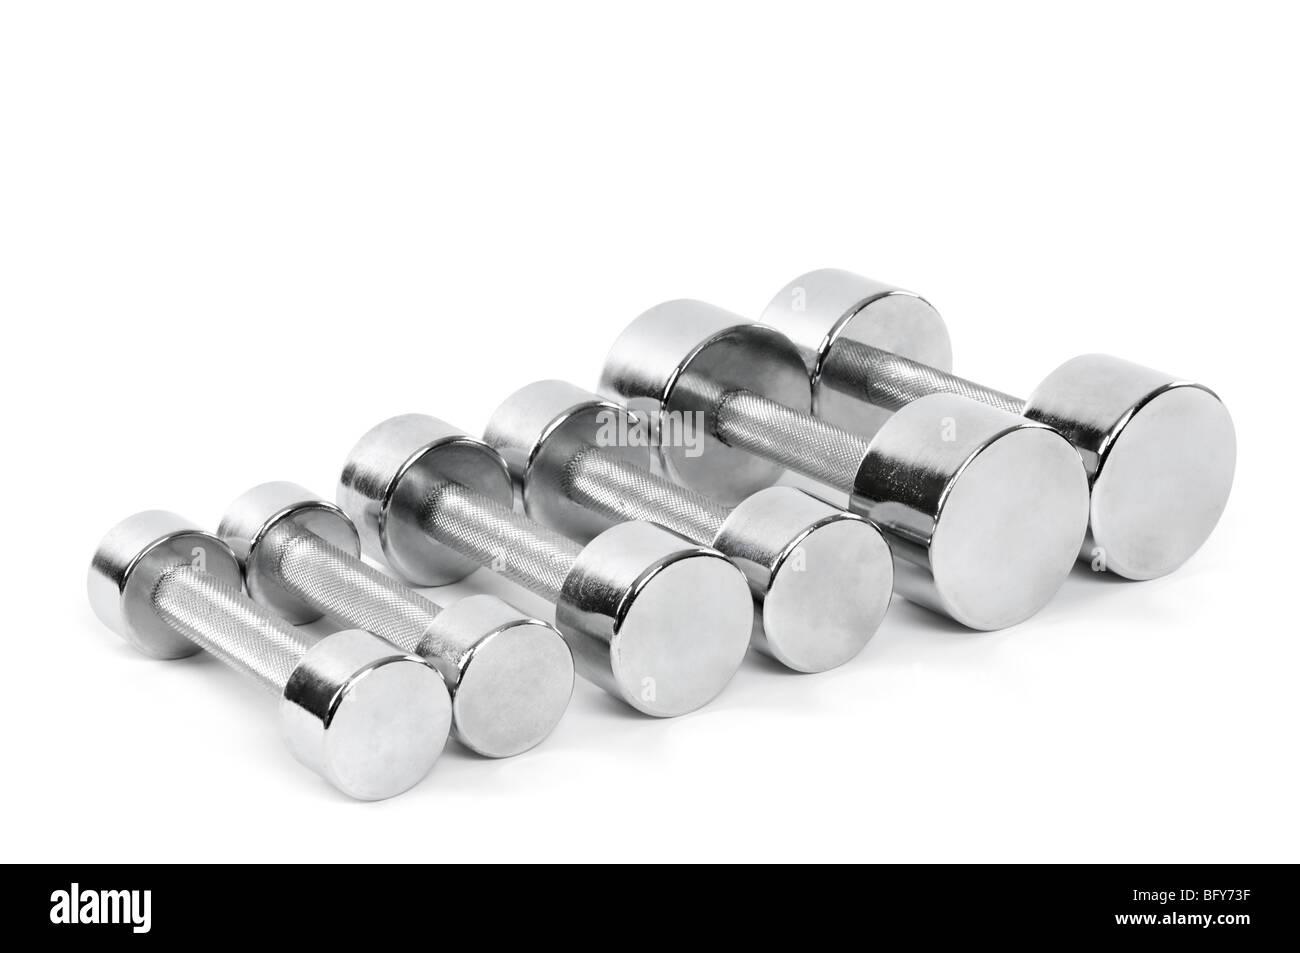 Set of shiny chrome dumbbells isolated on white background - Stock Image